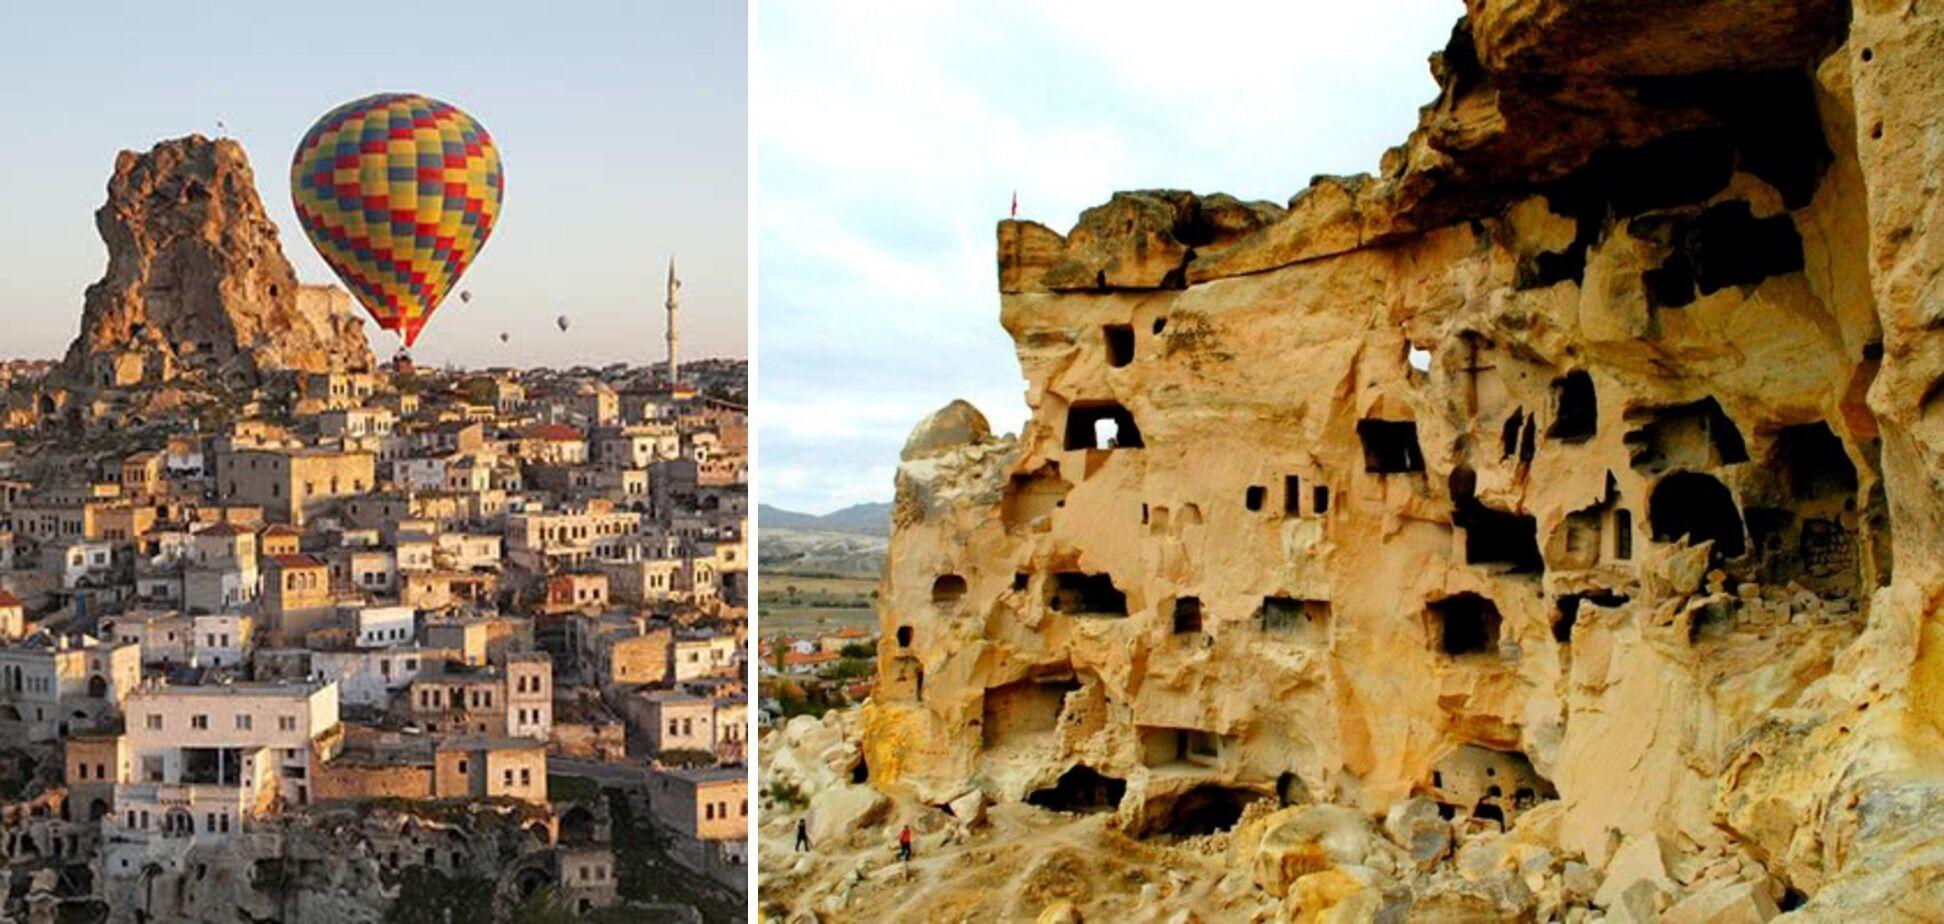 Скальные города Каппадокии мало кого оставят равнодушным.